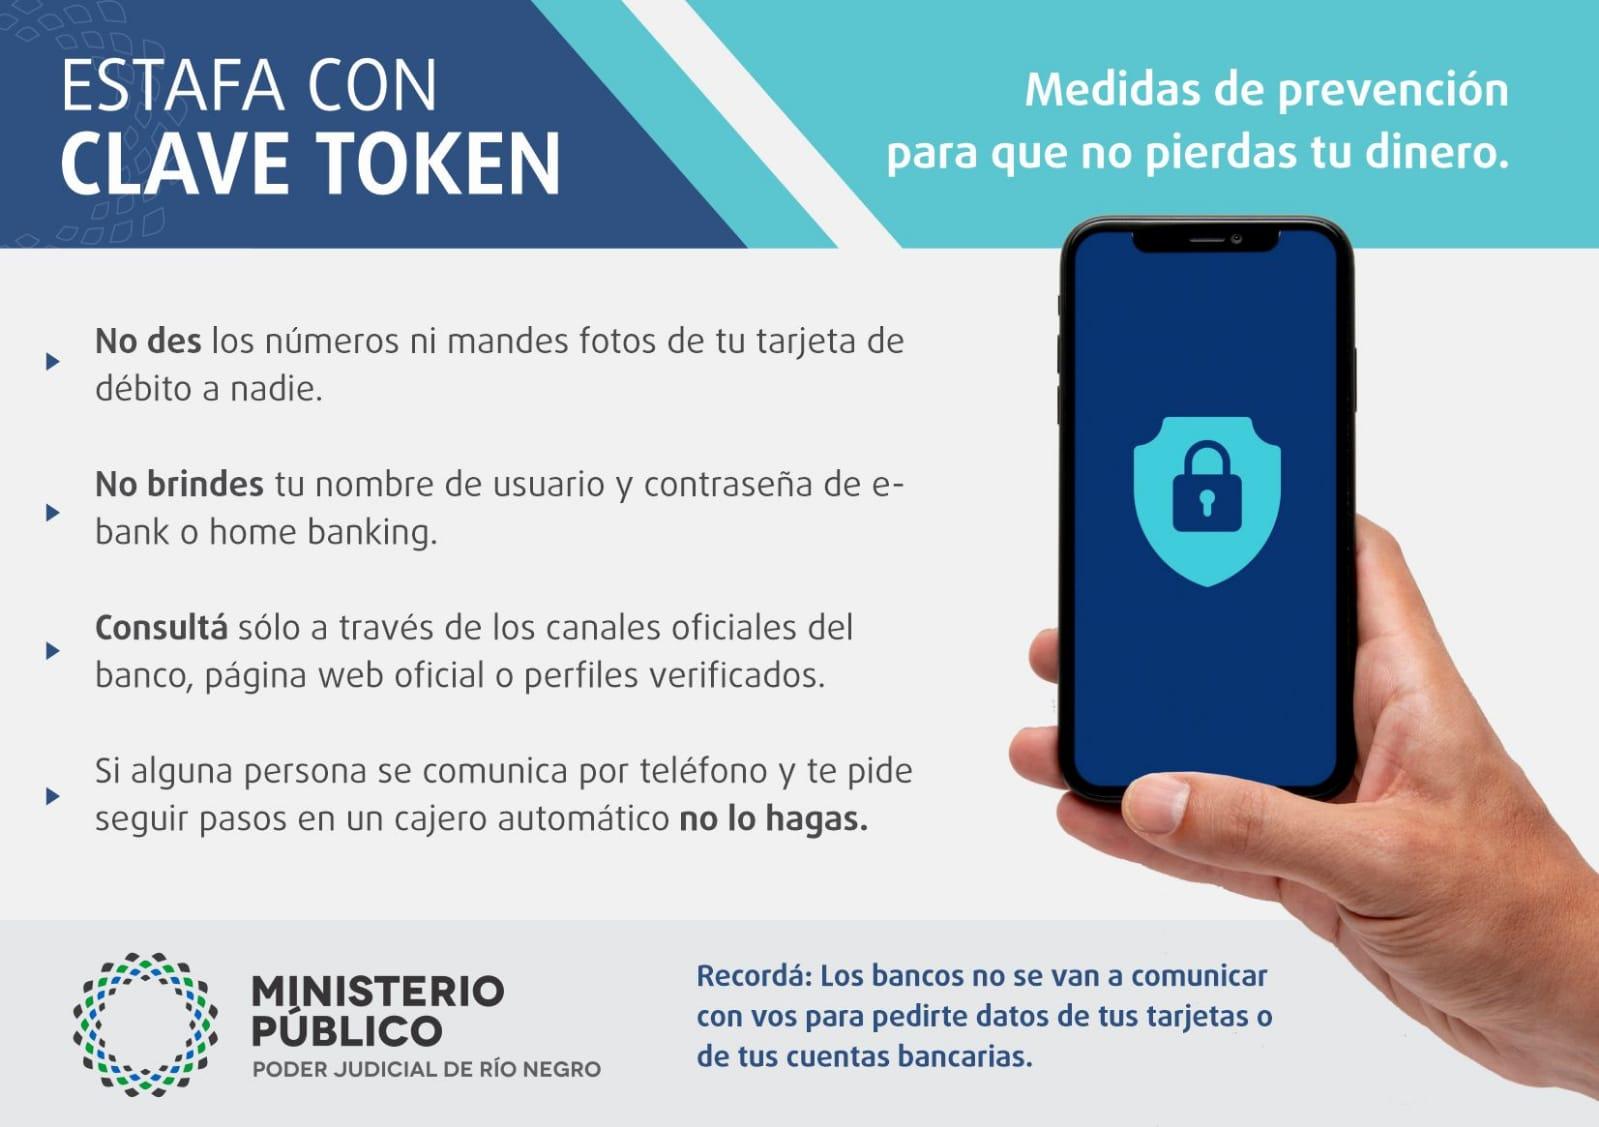 Estafa con clave Token: medidas de prevención para que no pierdas tu dinero